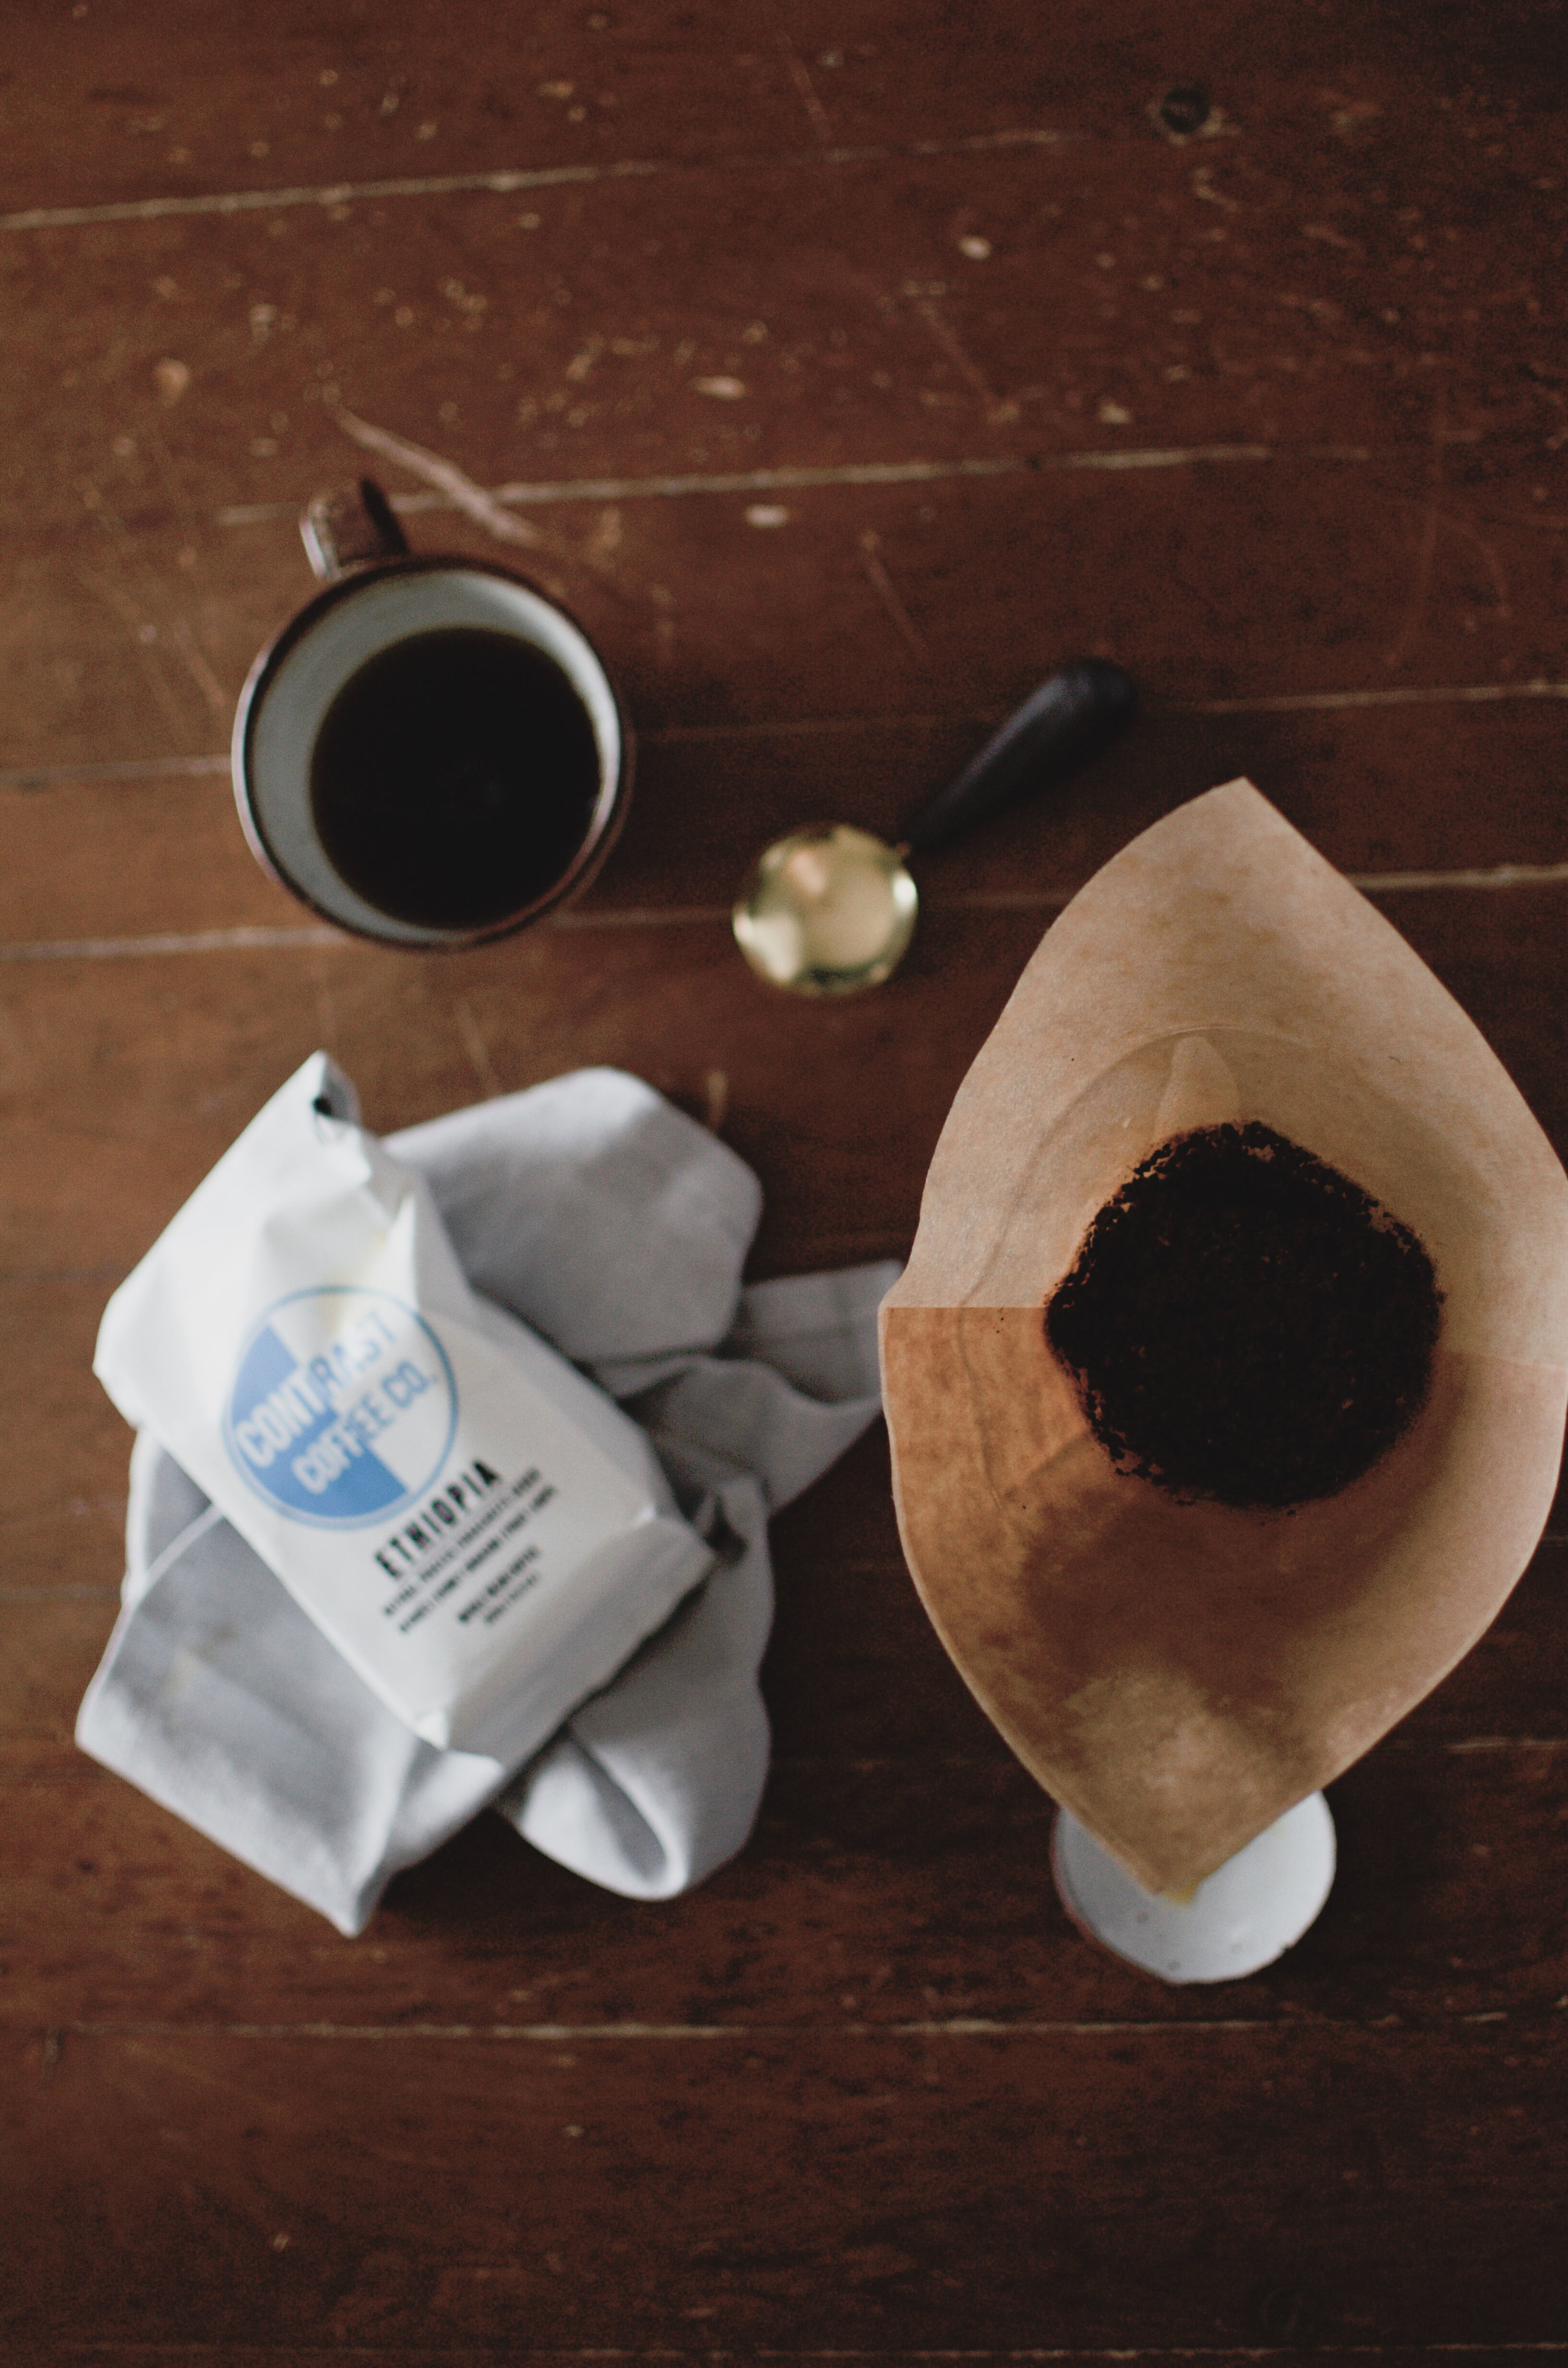 Wendling_Boyd_Daily_Brew_Coffee_Day_Contrast_Coffee-7.jpg